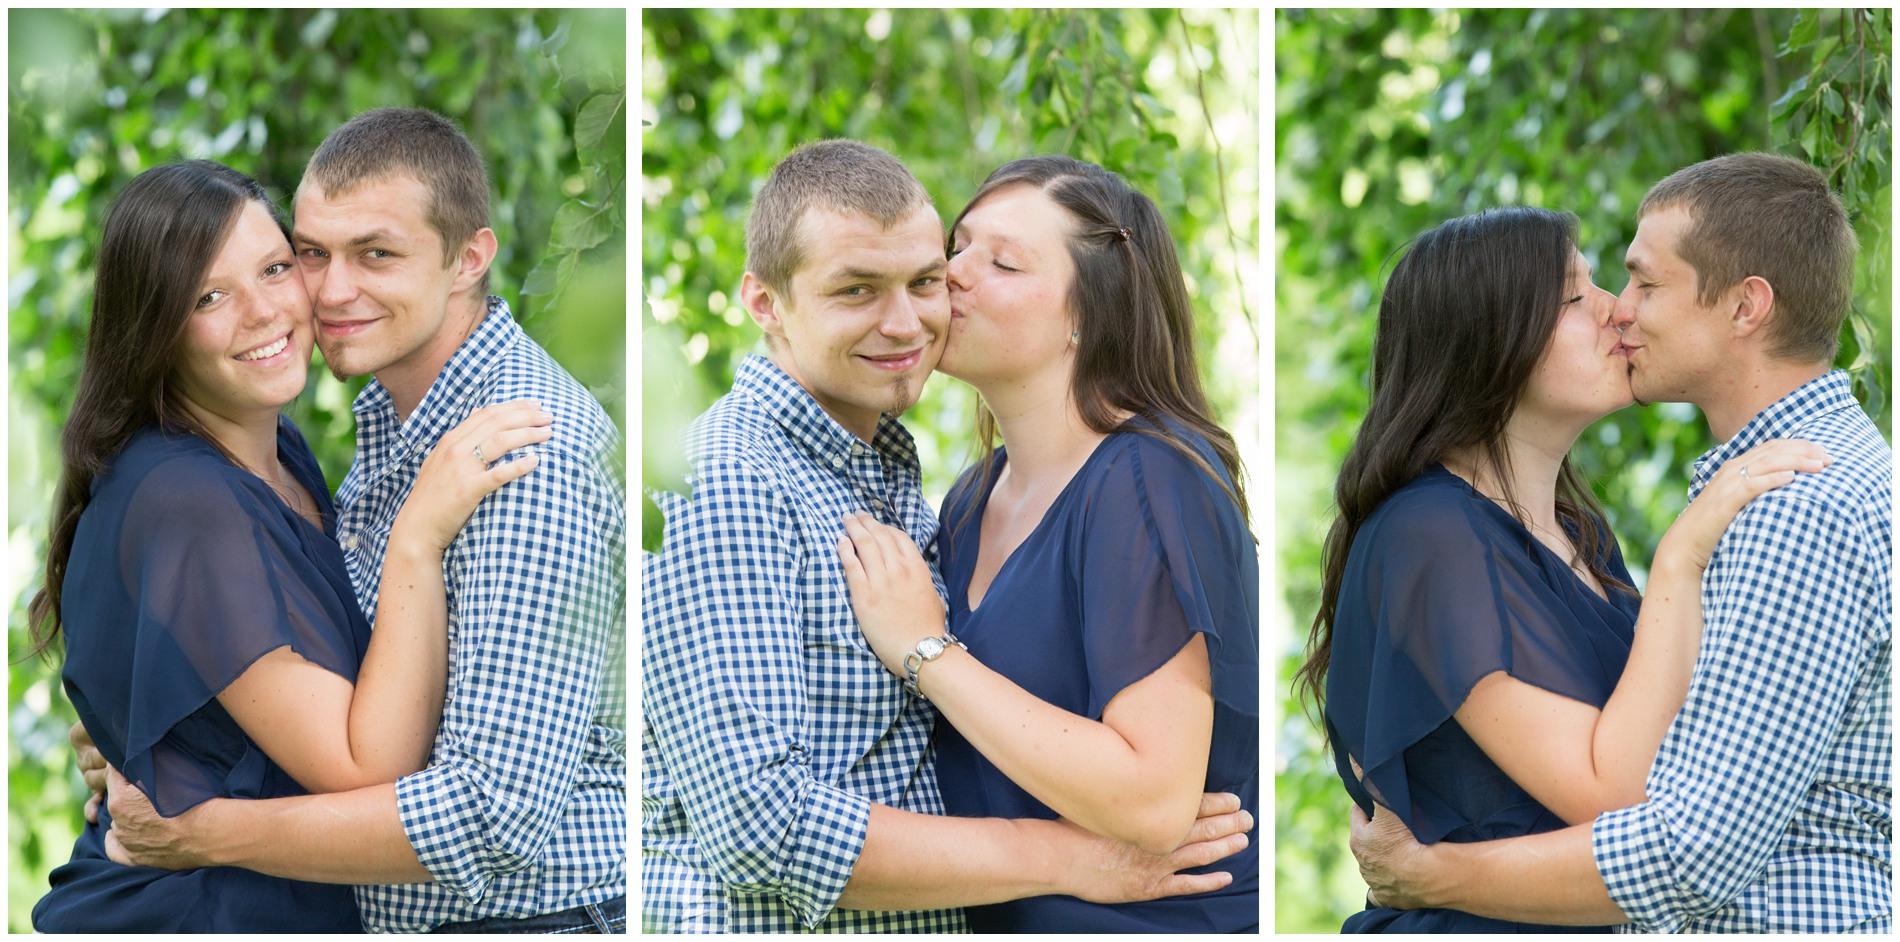 02 Engagement-Shooting in Greiz Hochzeitsfotograf Greiz Stephanie Scharschmidt